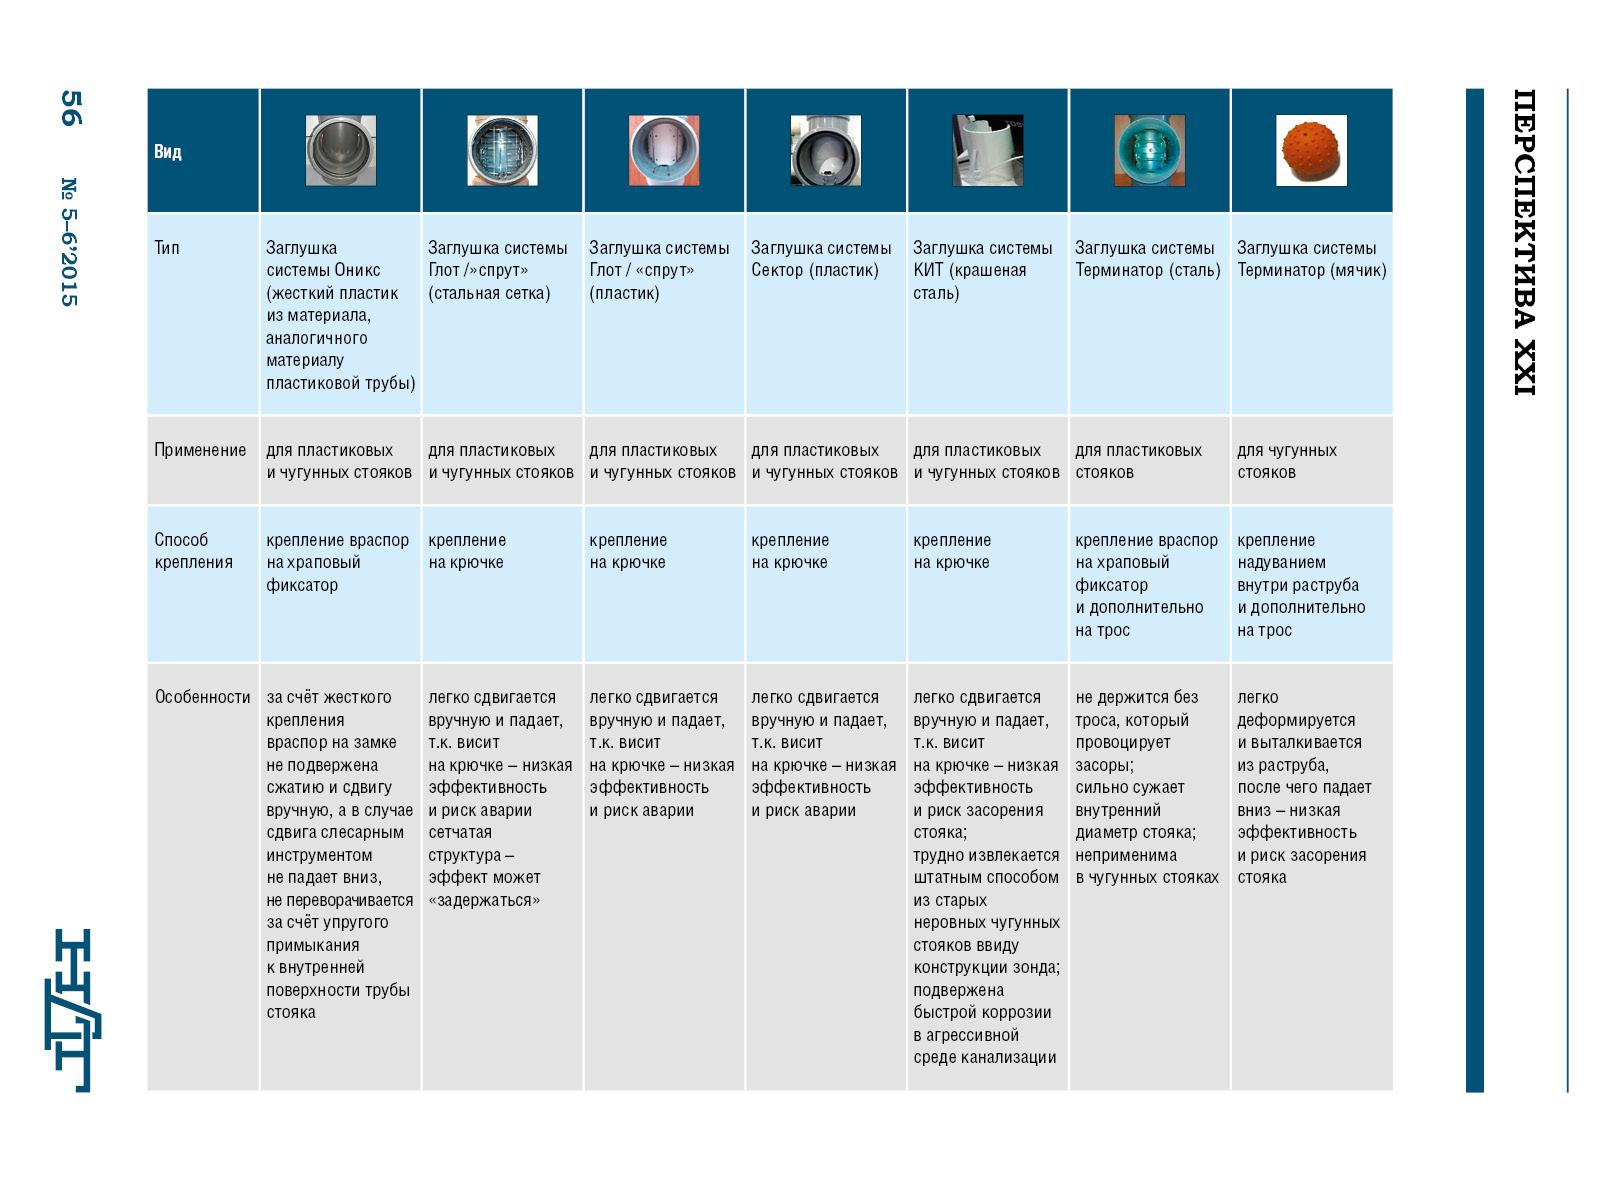 Приложение - Сравнительная таблица различных типов заглушек